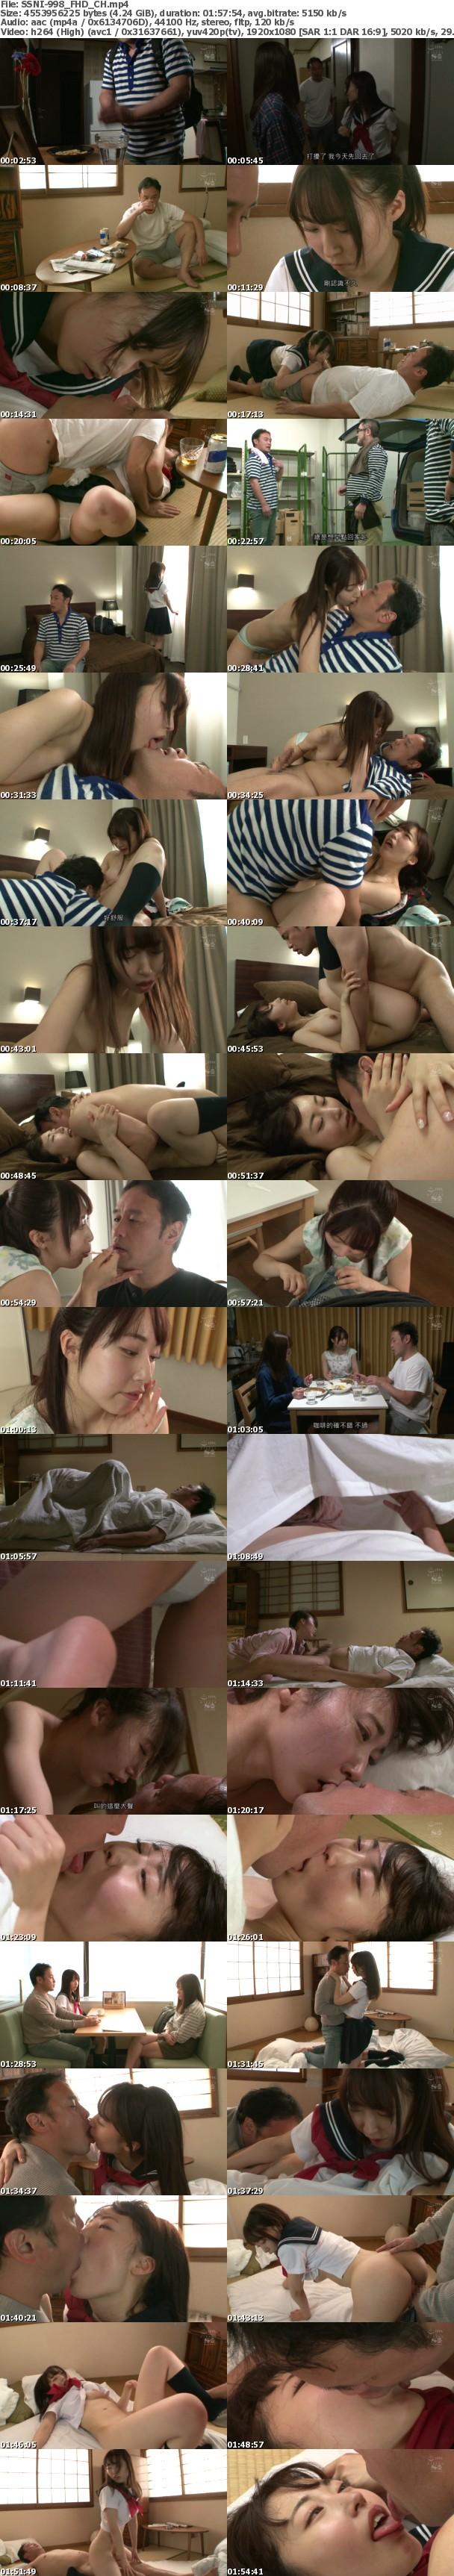 [中字] SSNI-998 被女兒朋友接吻的那瞬間之後… 潮美舞